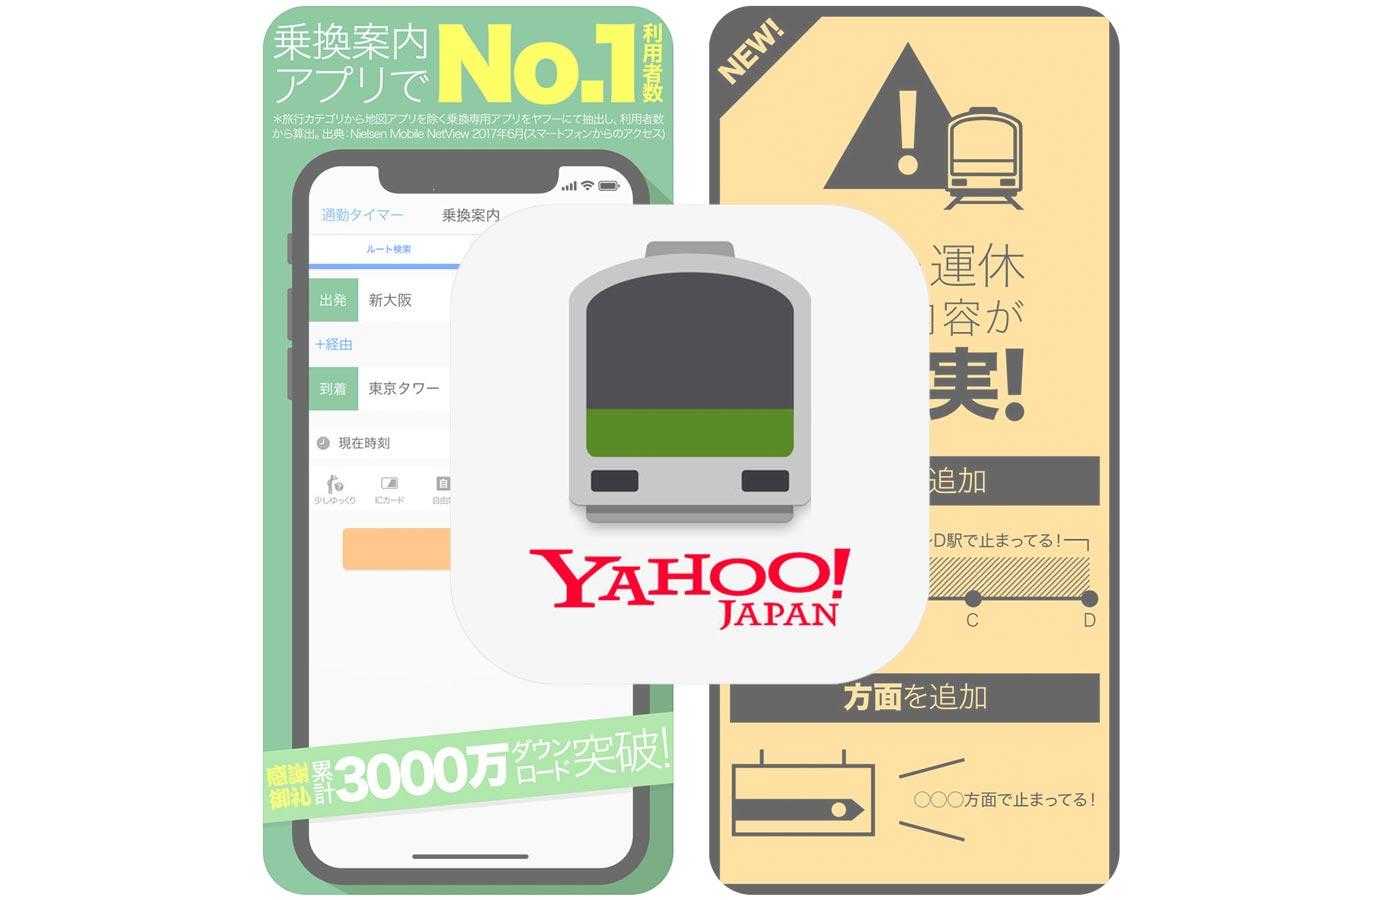 Yahoonorikae